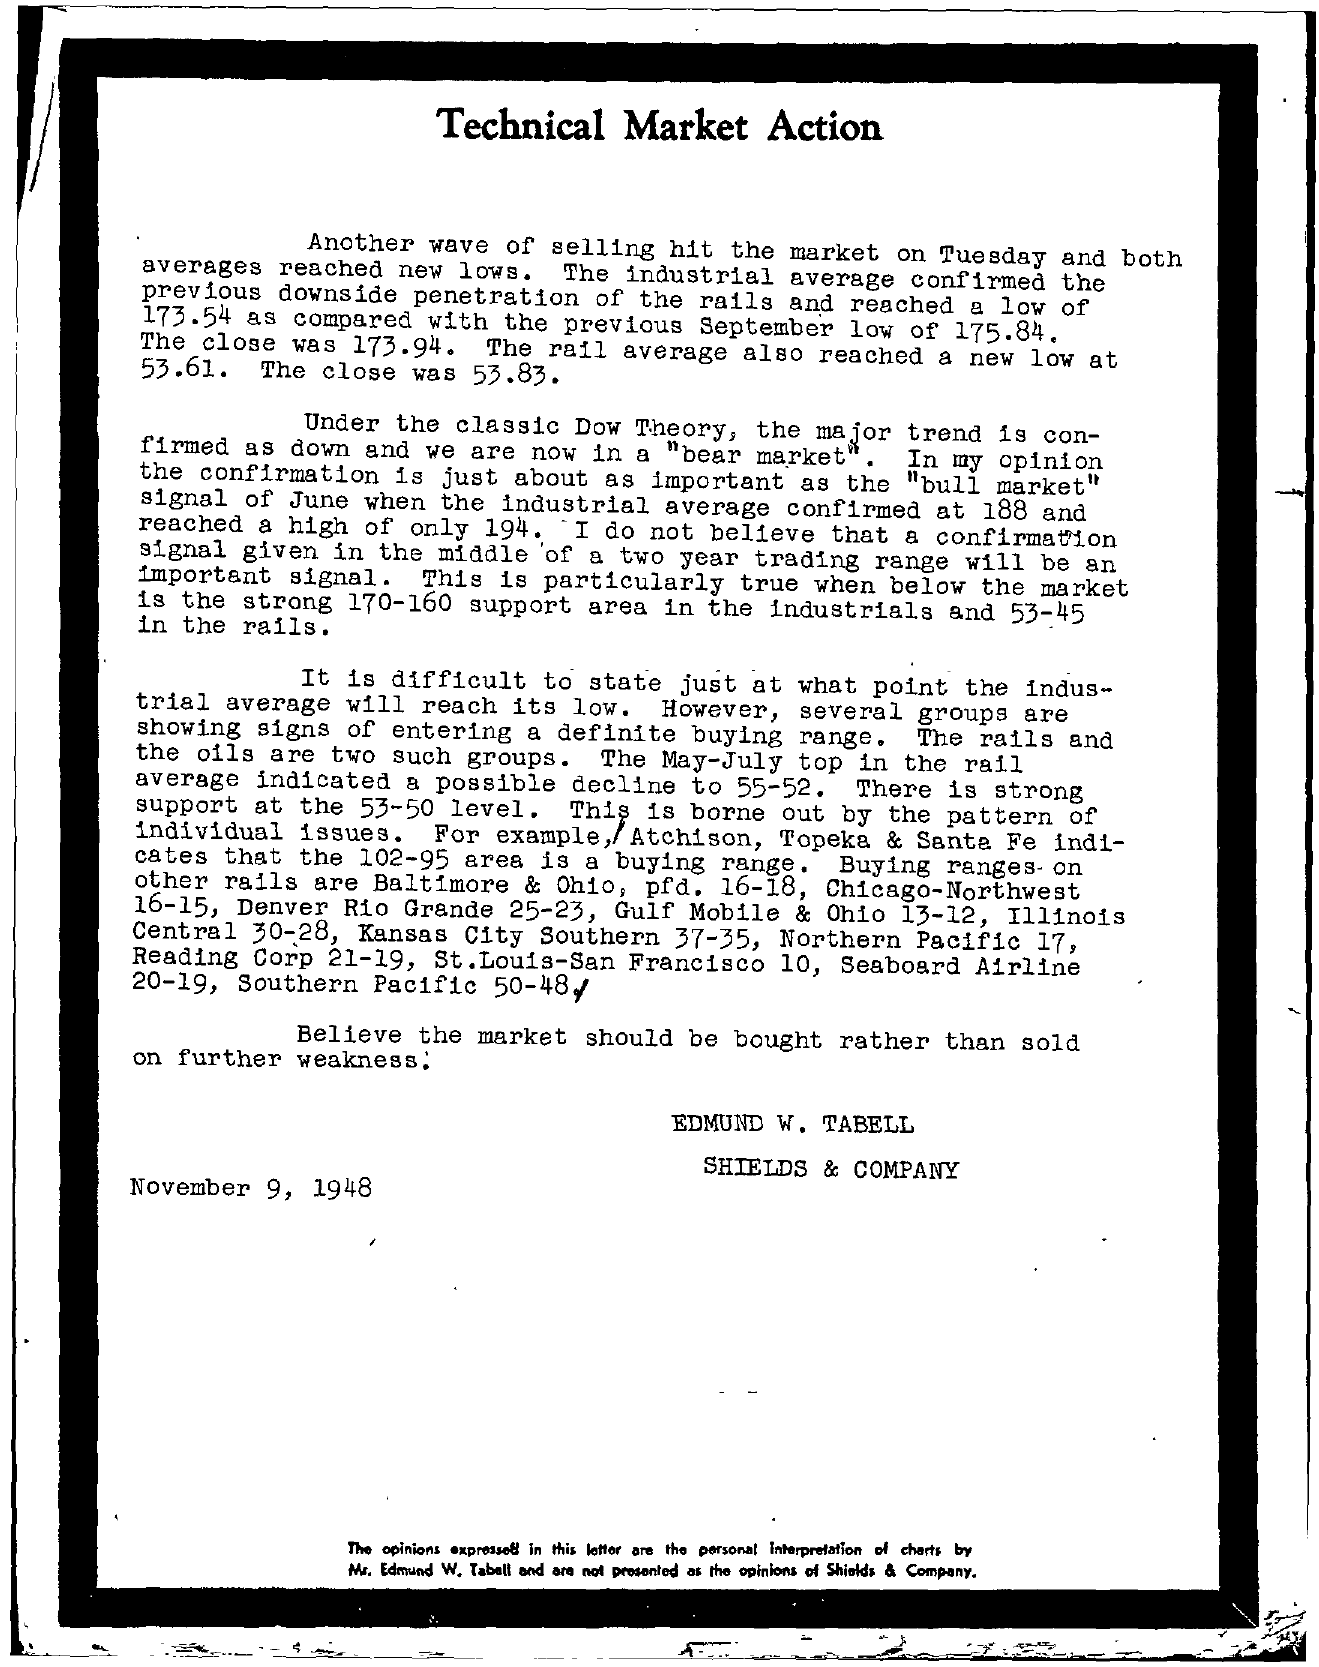 Tabell's Market Letter - November 09, 1948